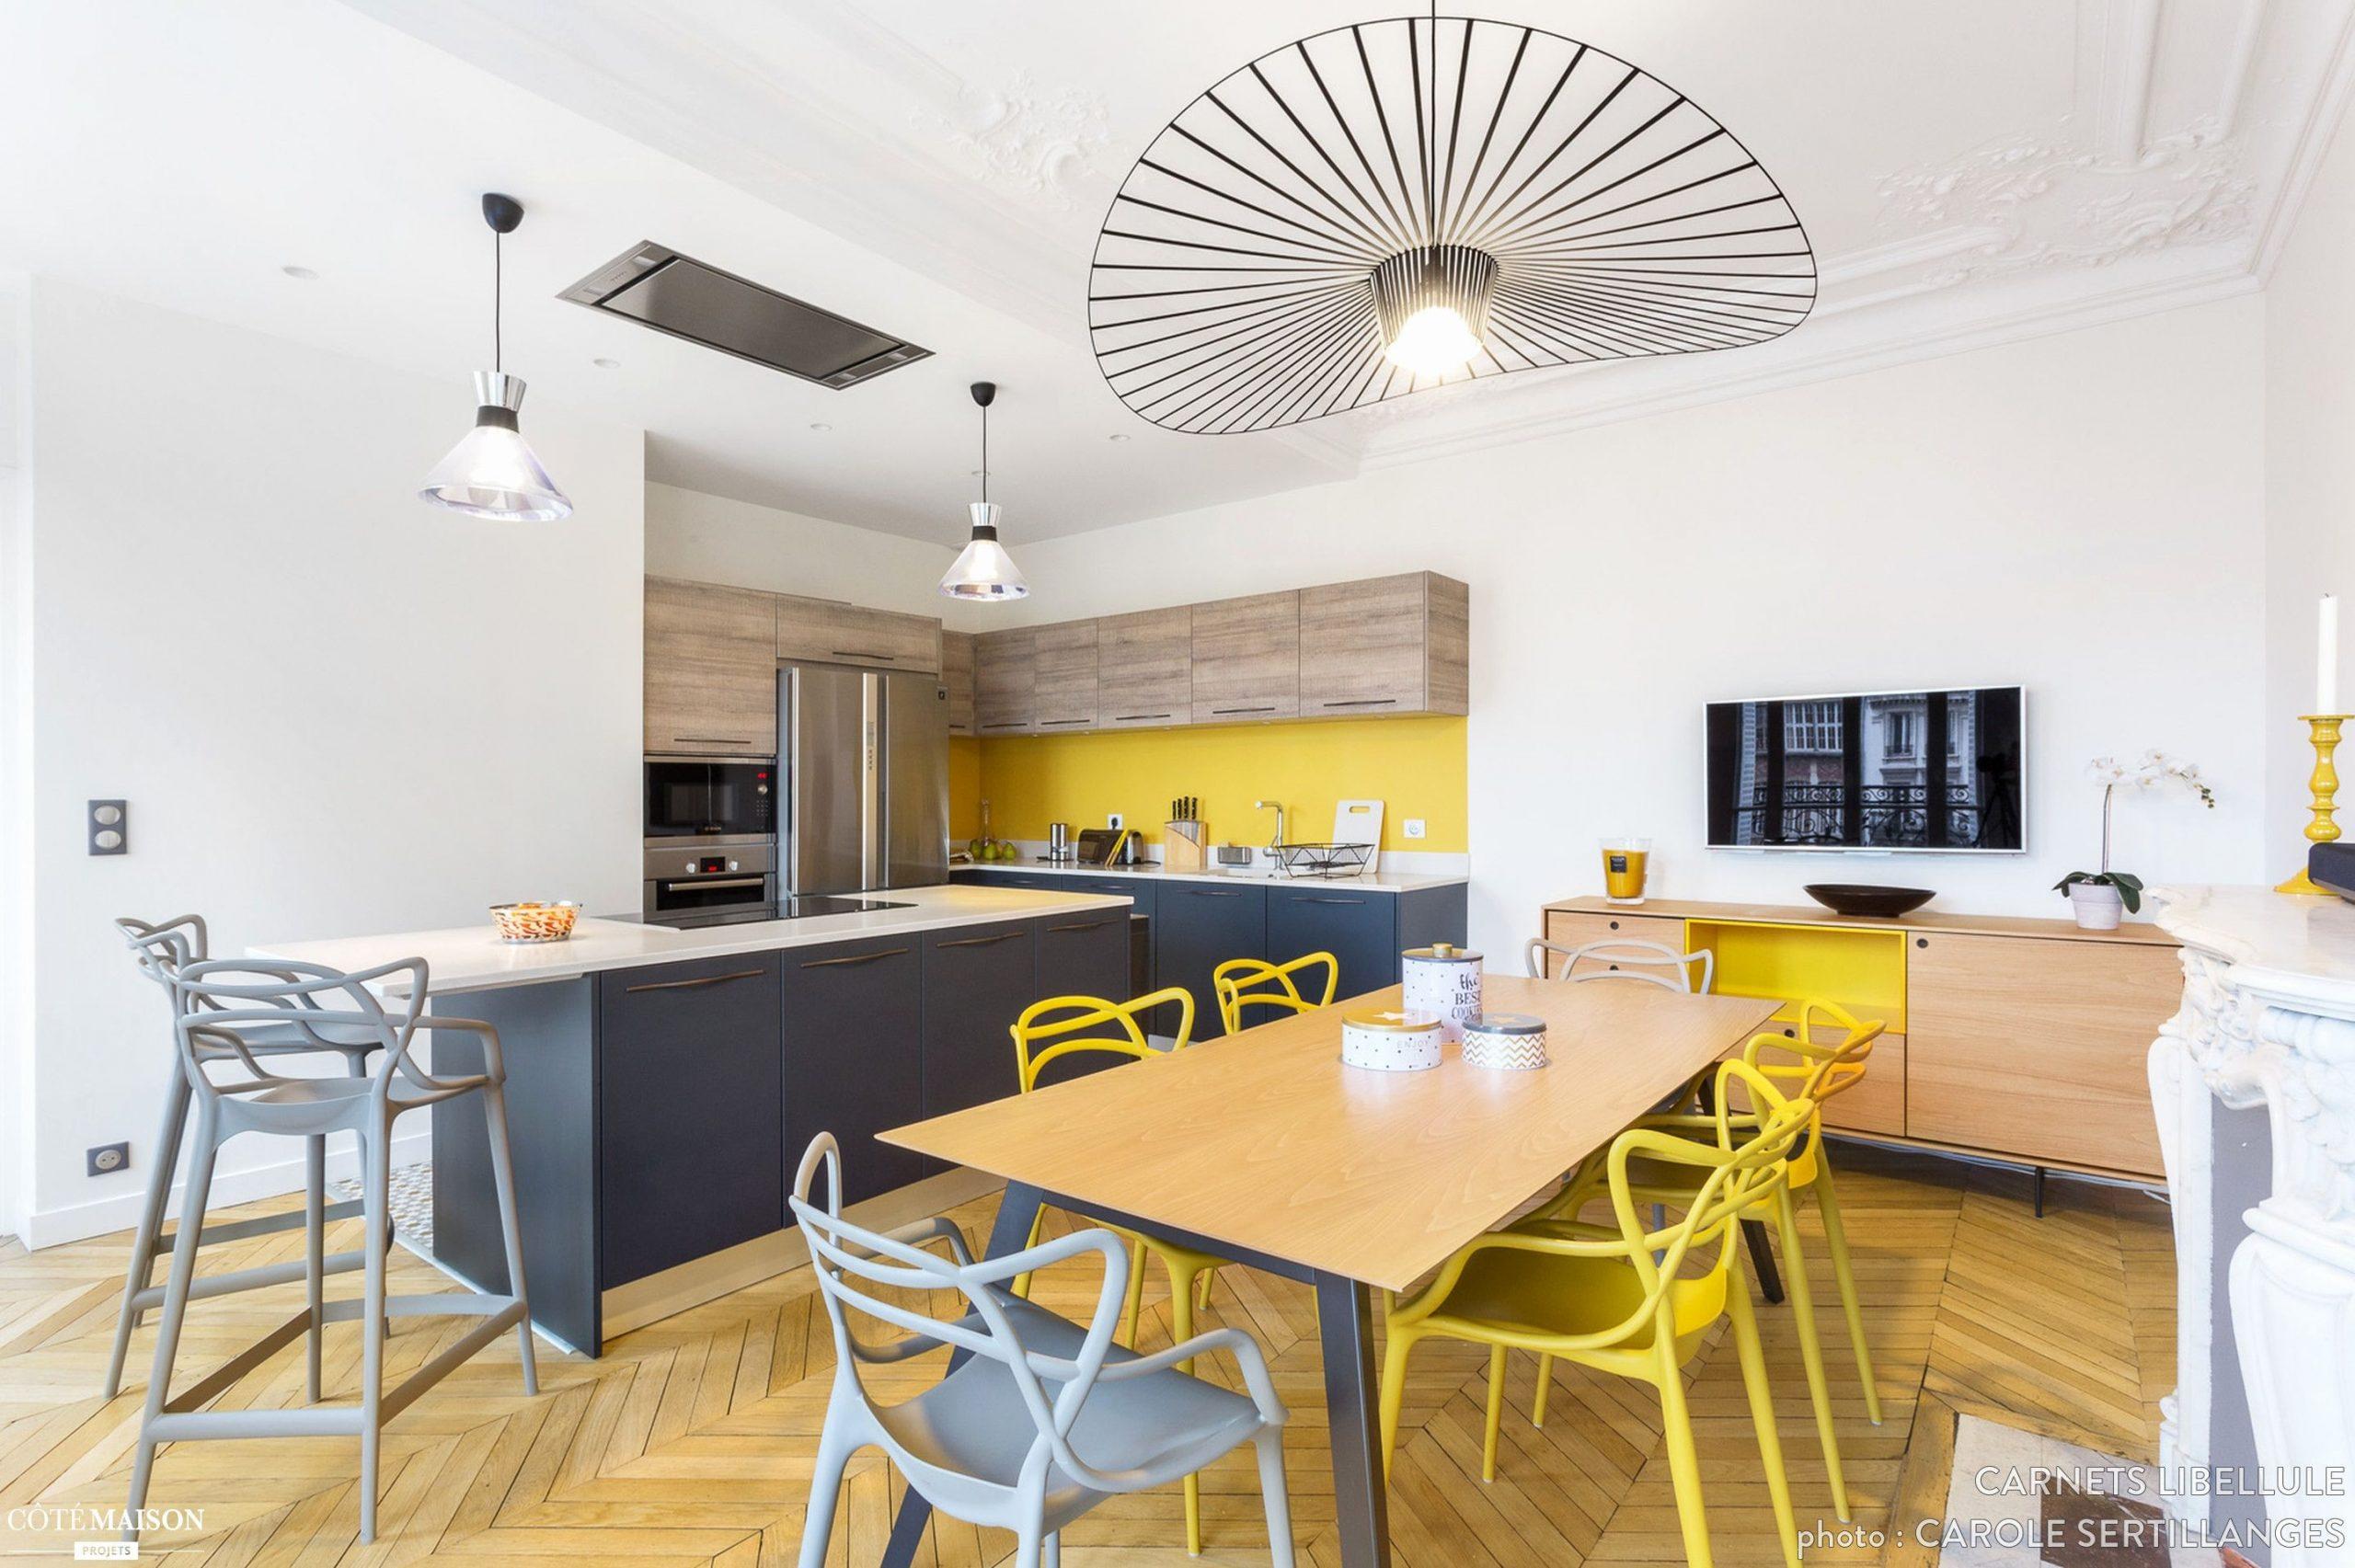 Luxury Aménagement Cuisine Salon 30M2 | Kitchen Remodel avec Amenager Salon Cuisine 30M2